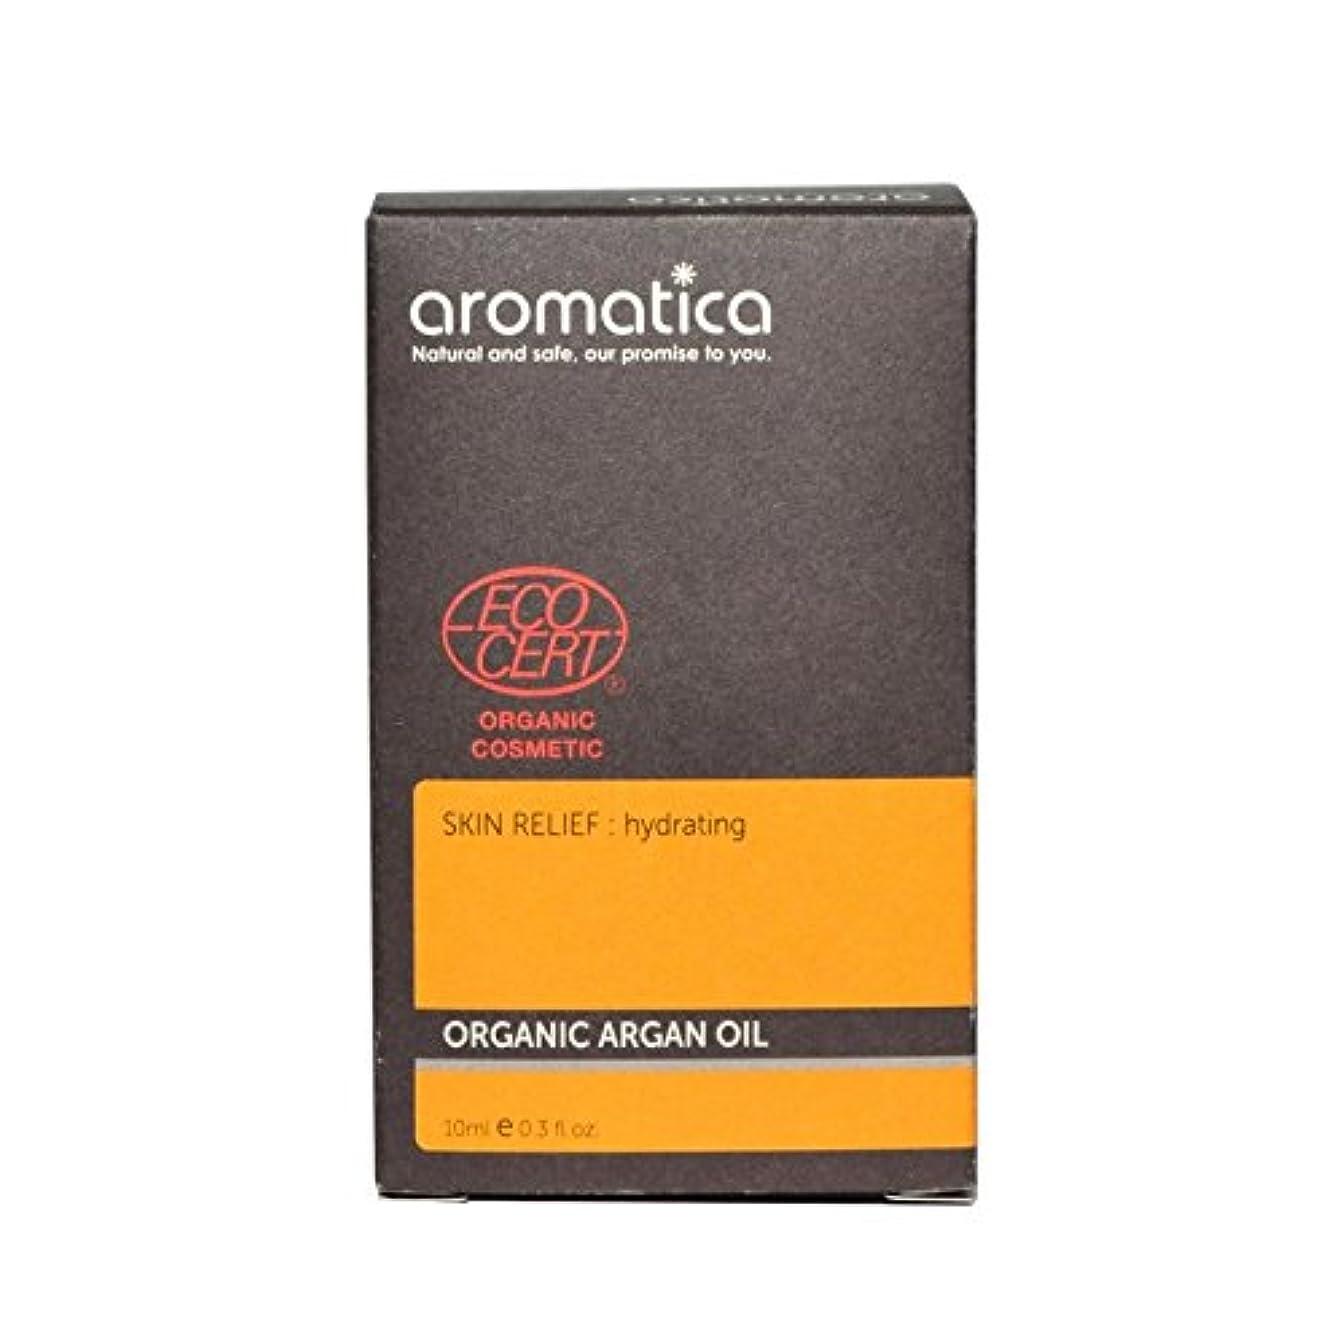 タブレットスイング傾斜オーガニックアルガンオイル10ミリリットル x2 - aromatica Organic Argan Oil 10ml (Pack of 2) [並行輸入品]